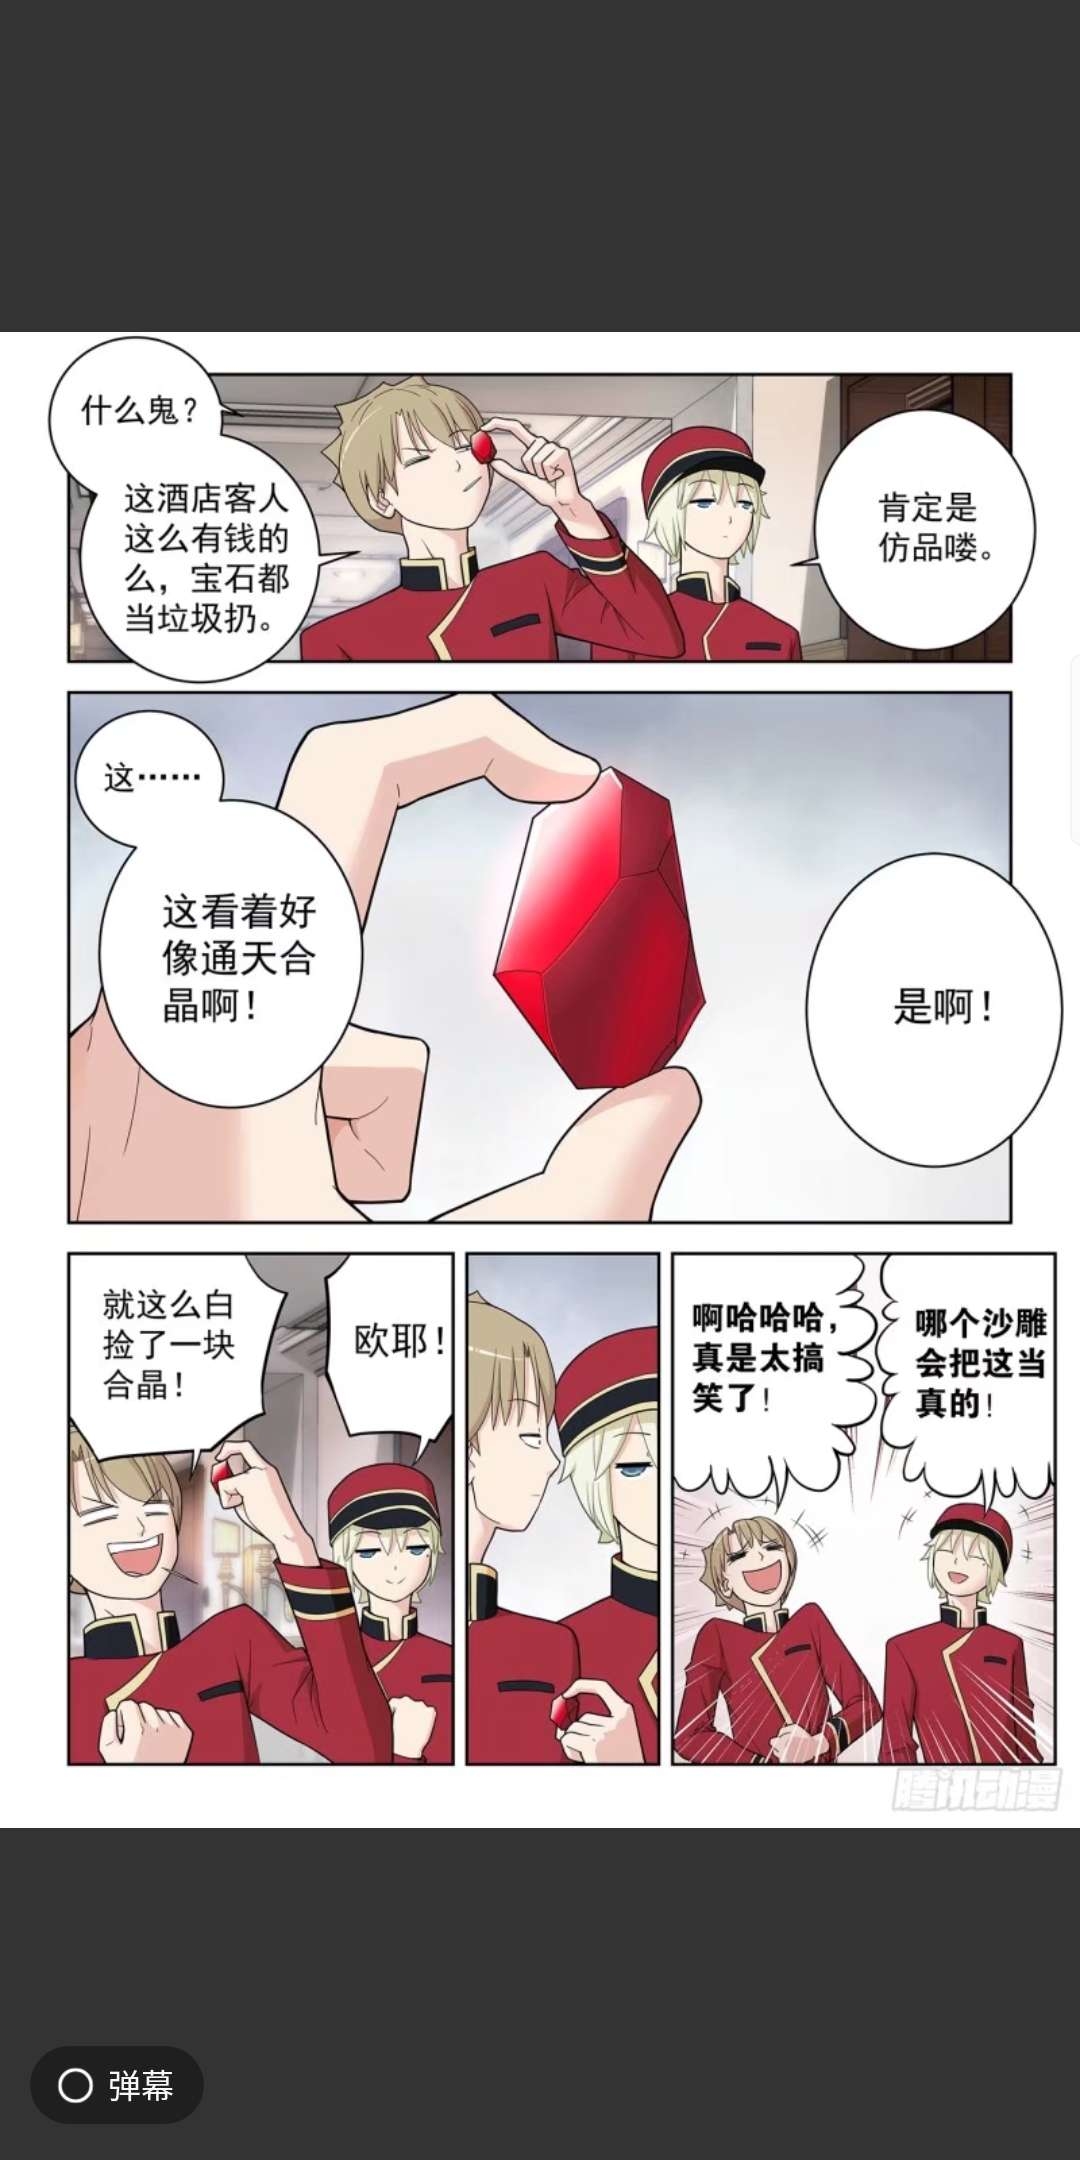 【漫画更新】王牌御史520